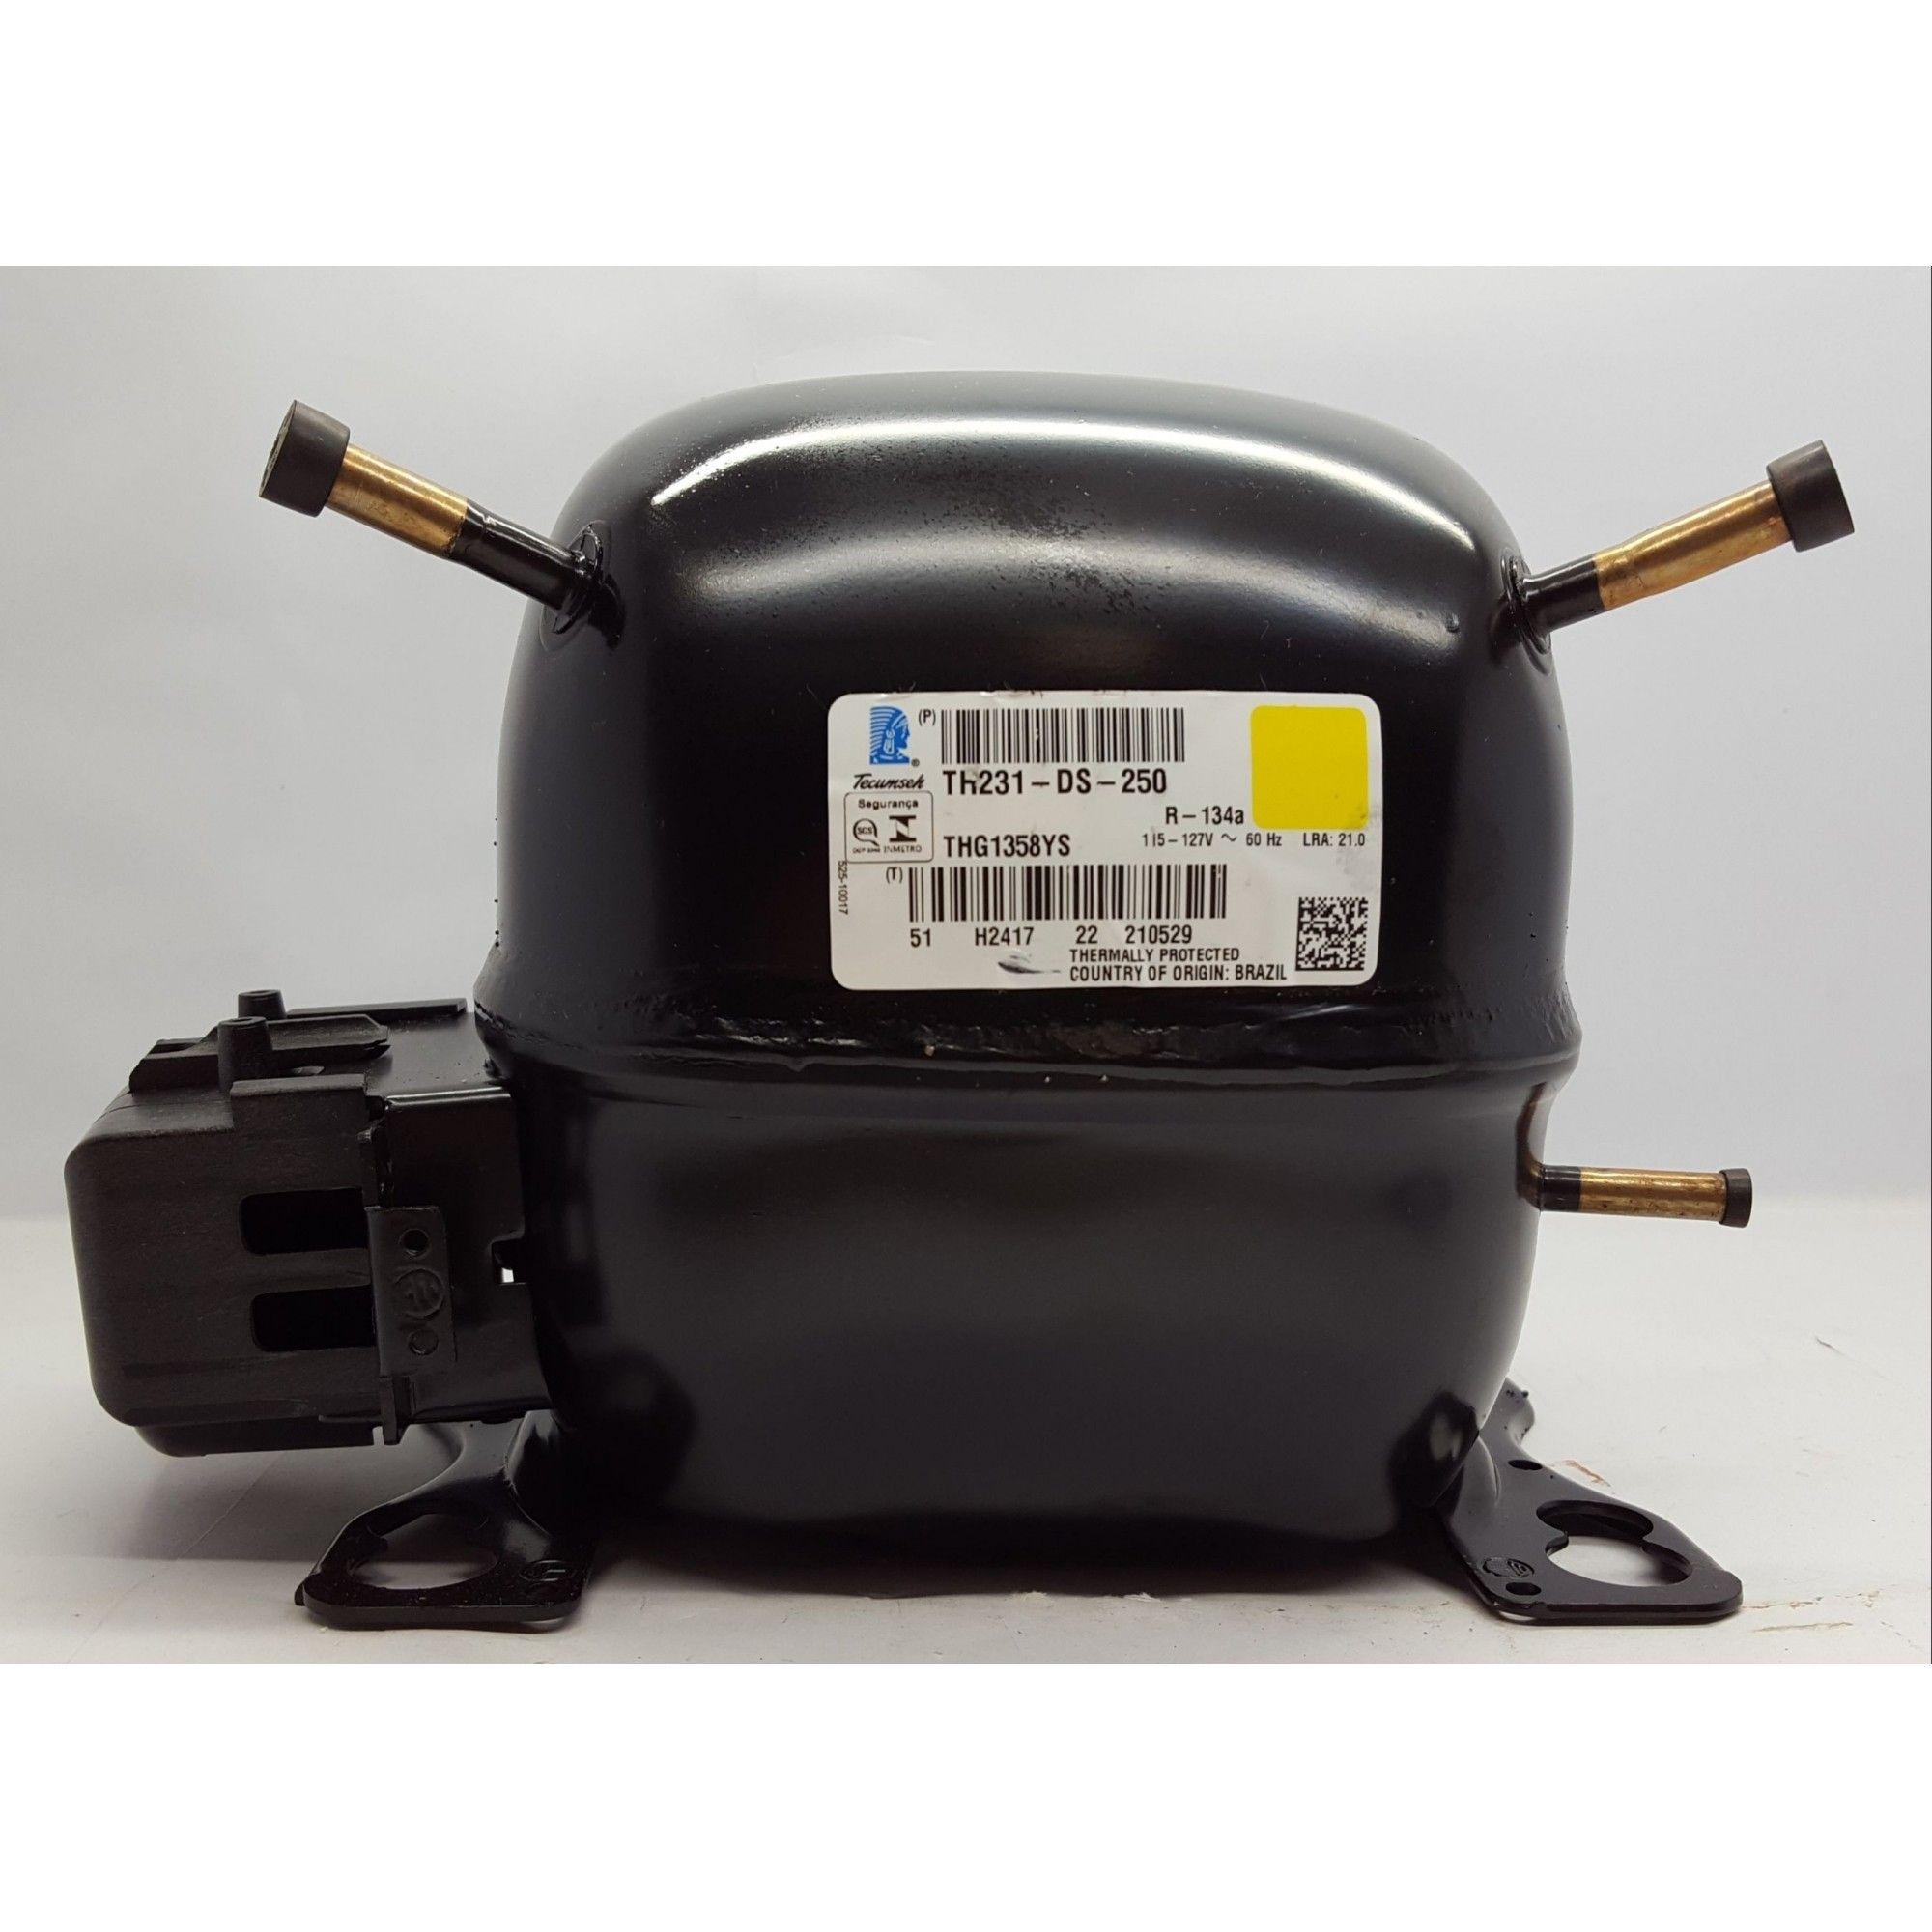 MOTOR COMPRESSOR TECUMSEH 1/5 HP - THG1358YGS - R-134a (220v ou 110v)